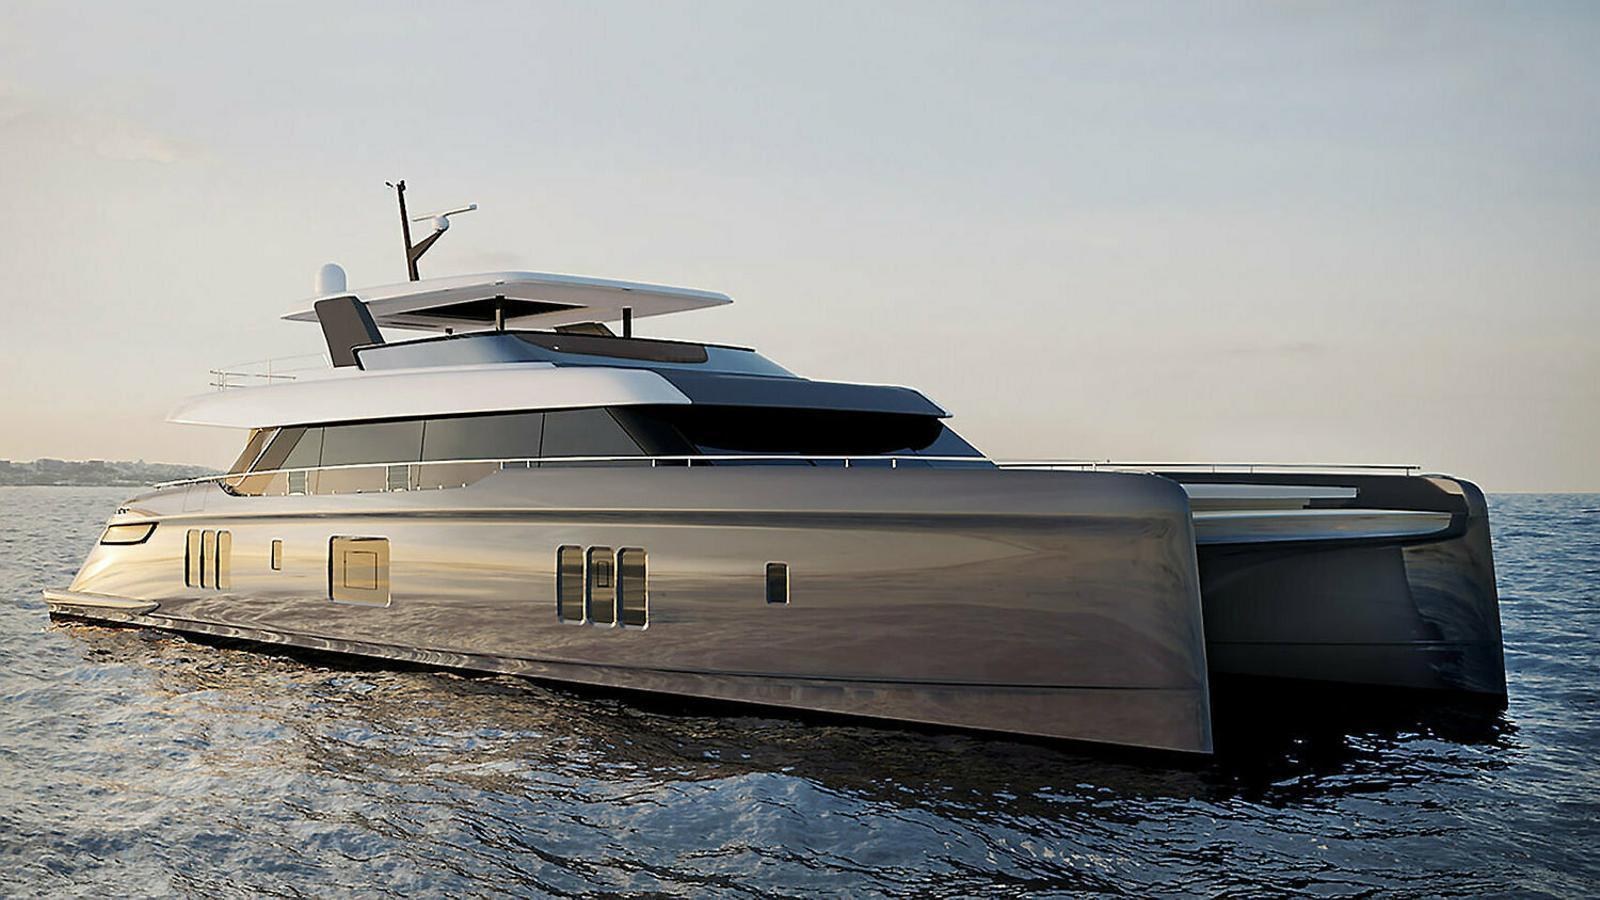 Rafel Nadal ha adquirit un catamarà de luxe que podrà amarrar en el Club Nàutic de Porto Cristo